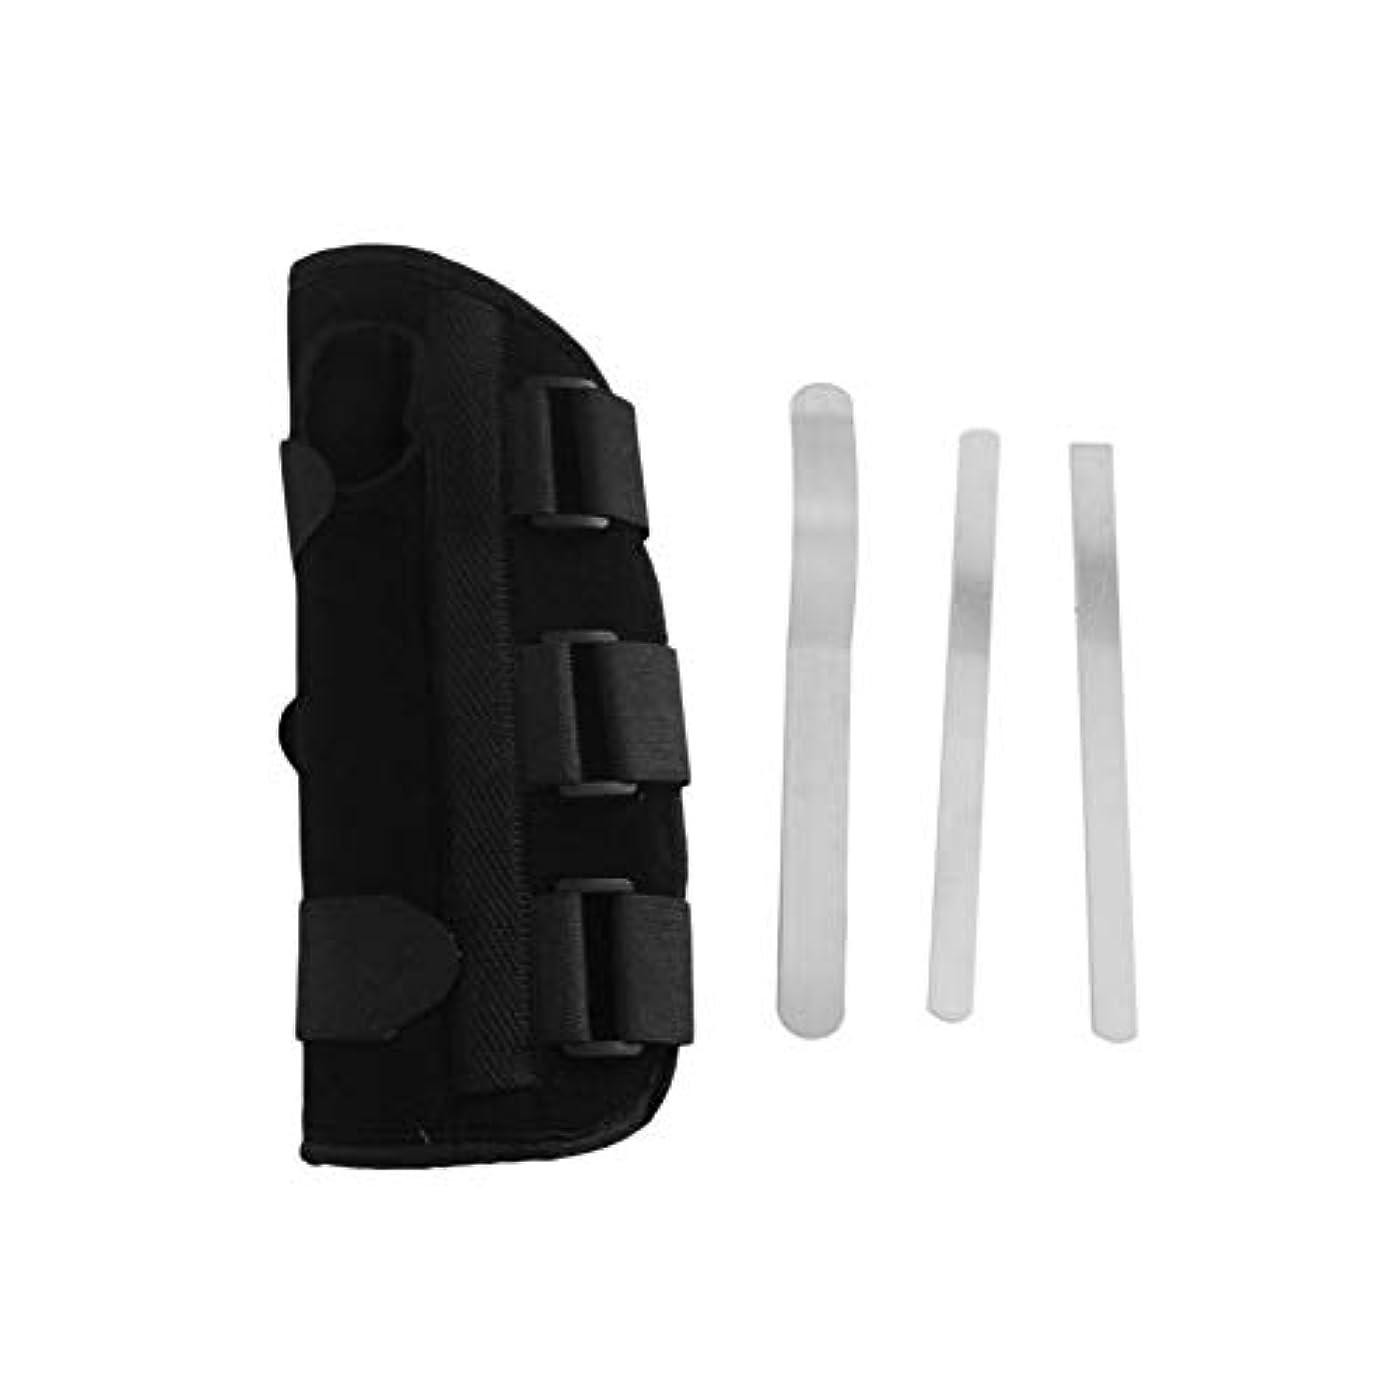 経過いつ層手首副木ブレース保護サポートストラップカルペルトンネルCTS RSI痛み軽減取り外し可能な副木快適な軽量ストラップ - ブラックS